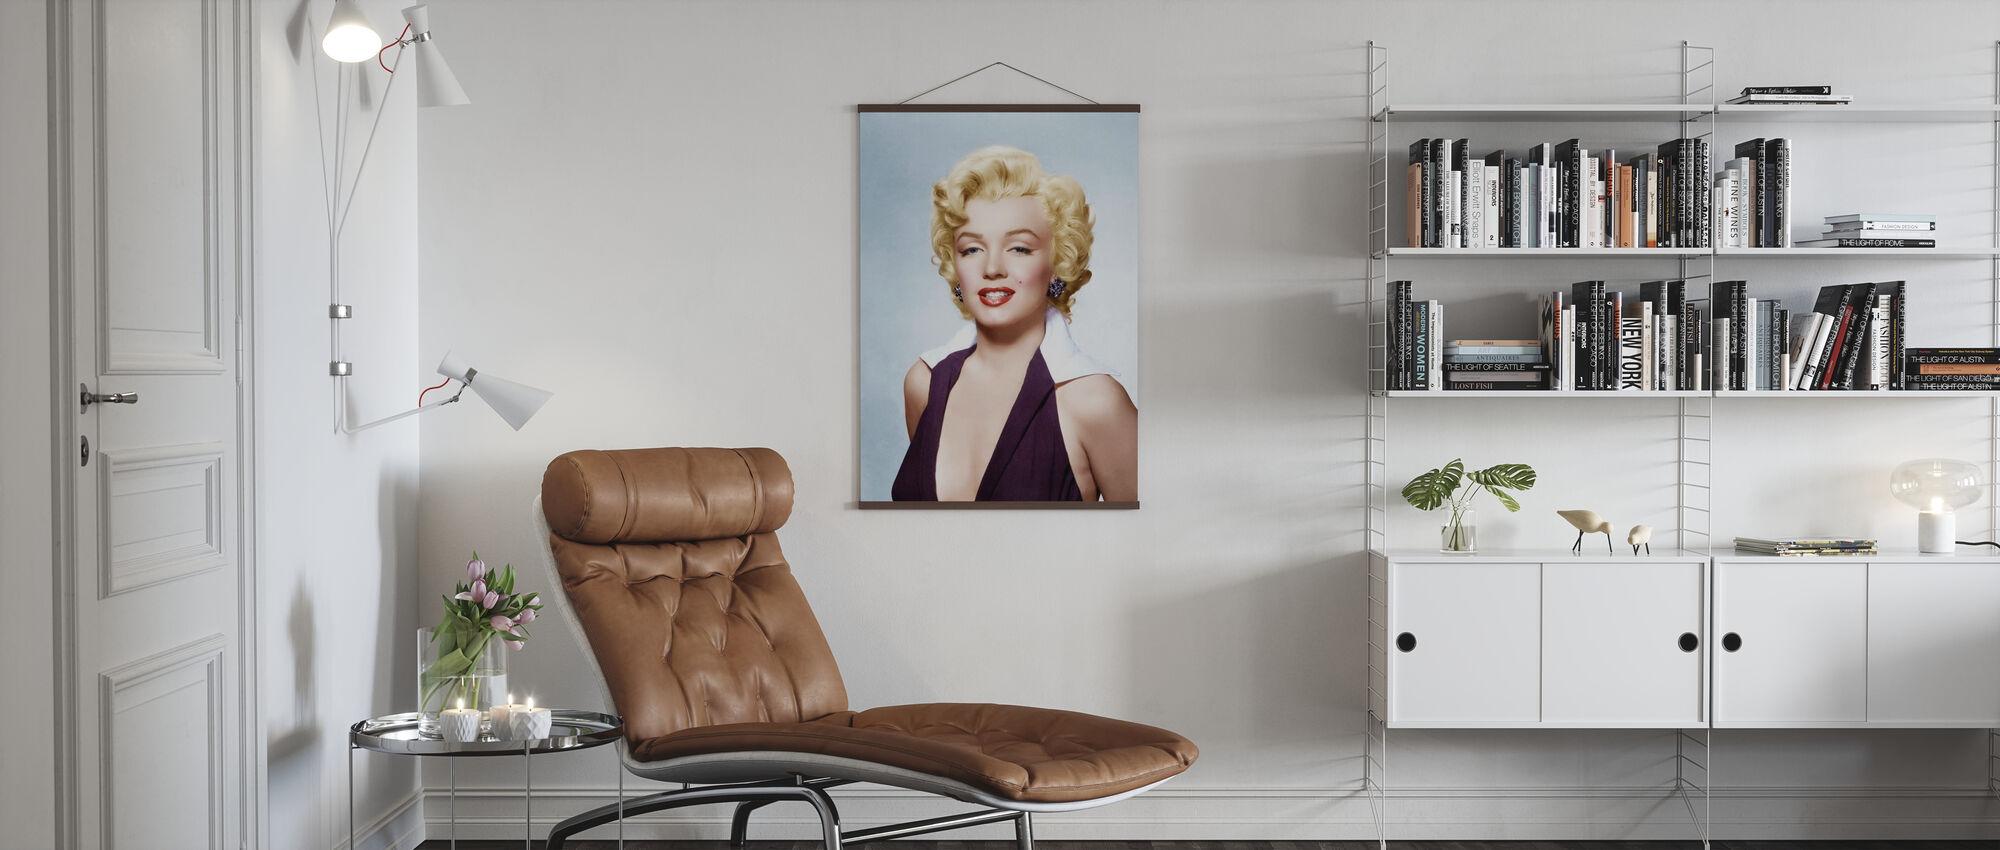 Blondin - Poster - Vardagsrum